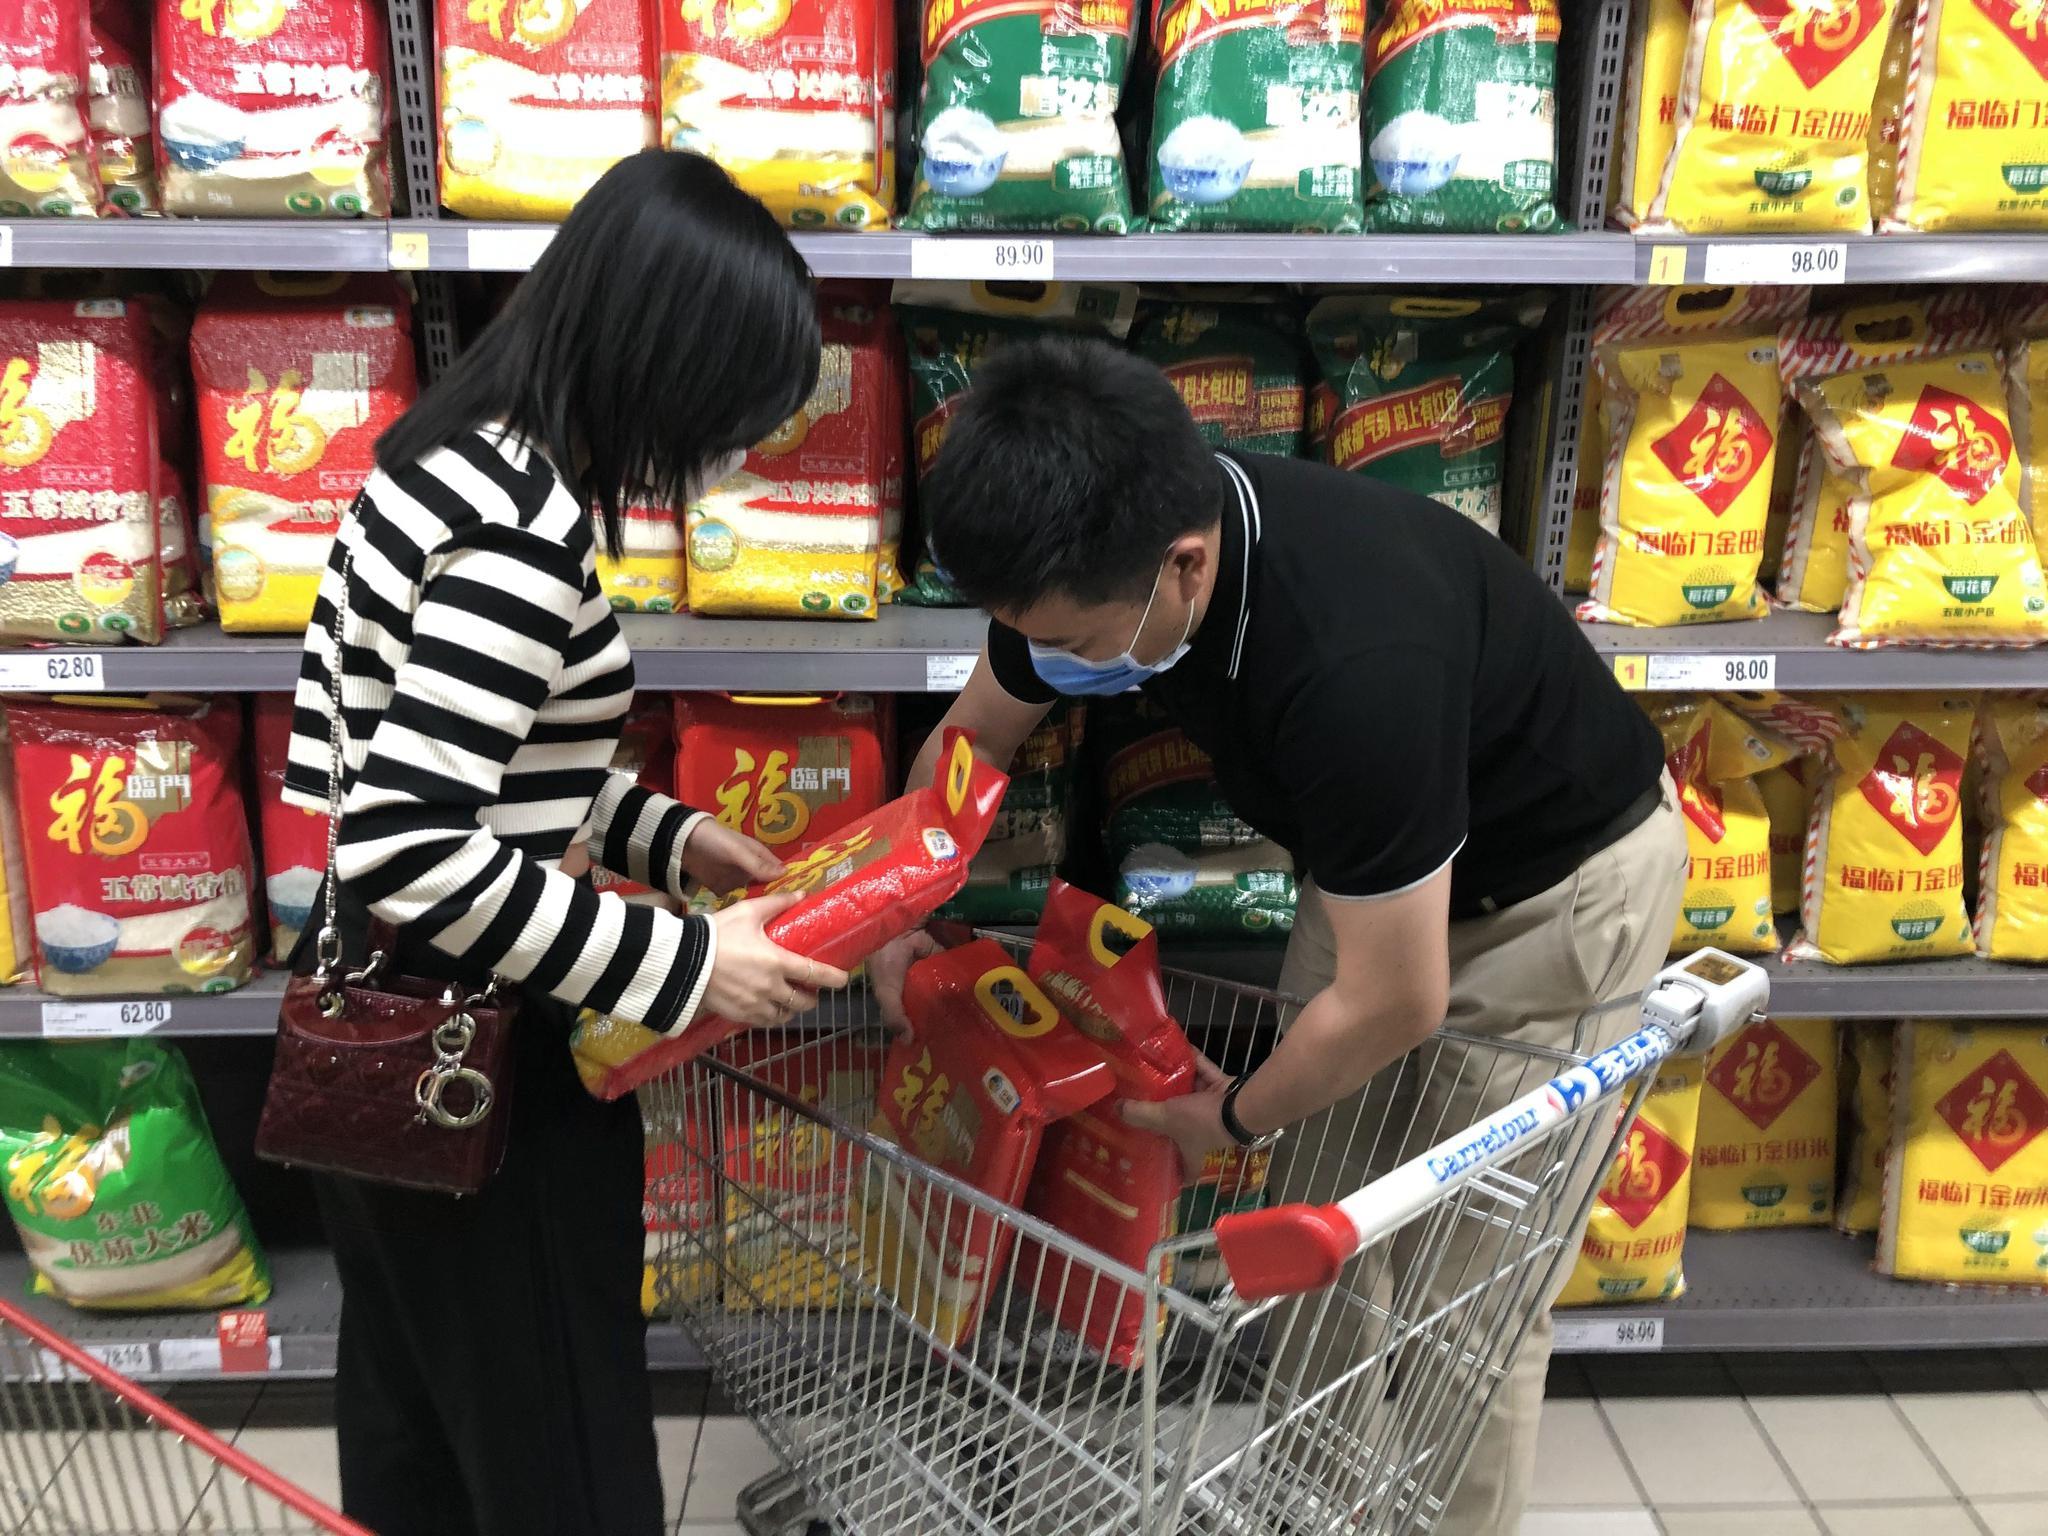 朝阳区广渠路家乐福超市,顾客在选购粮食。新京报记者 吴宁 摄